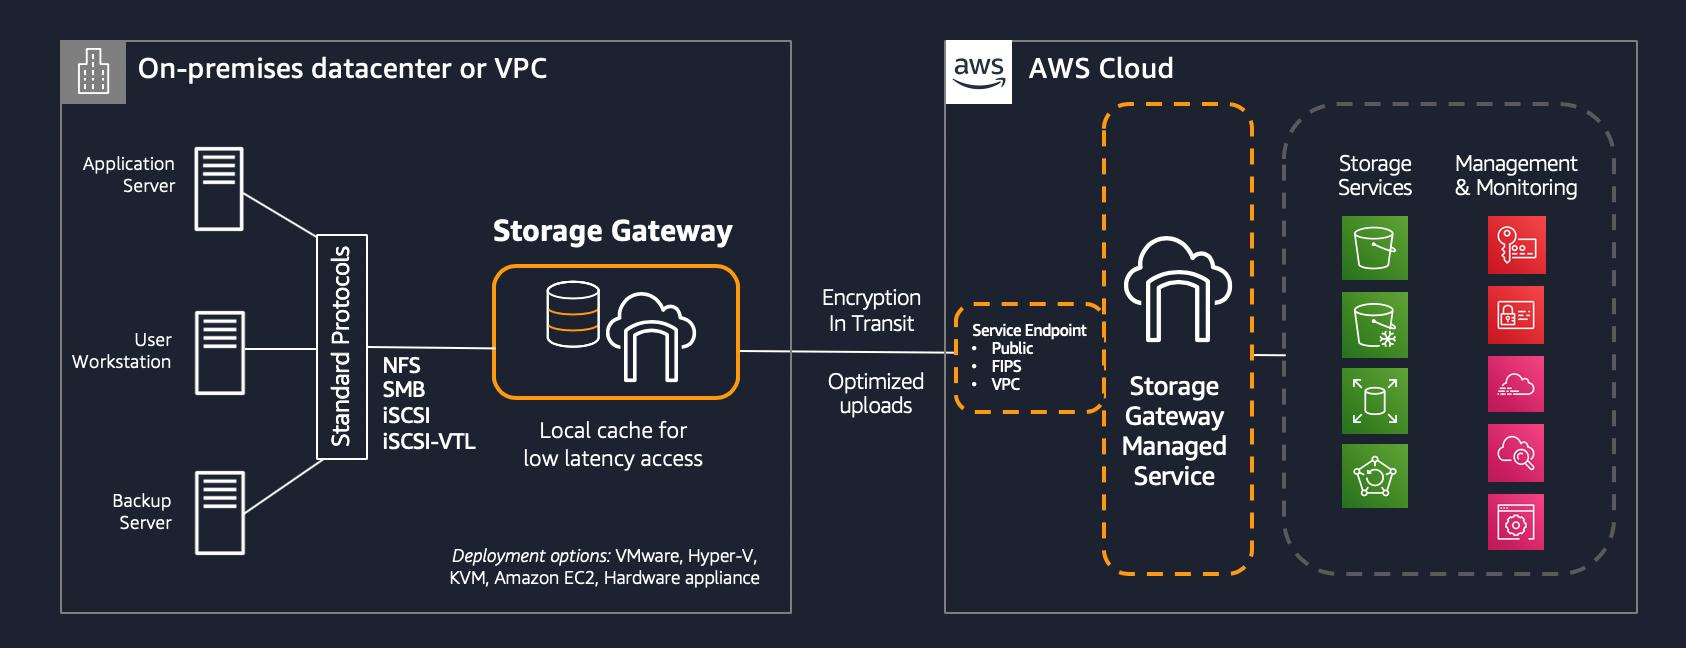 お客様環境で Storage Gateway をデプロイする、および Storage Gateway が AWS Storage Gateway Managed Service に通信を返す方法を示す図